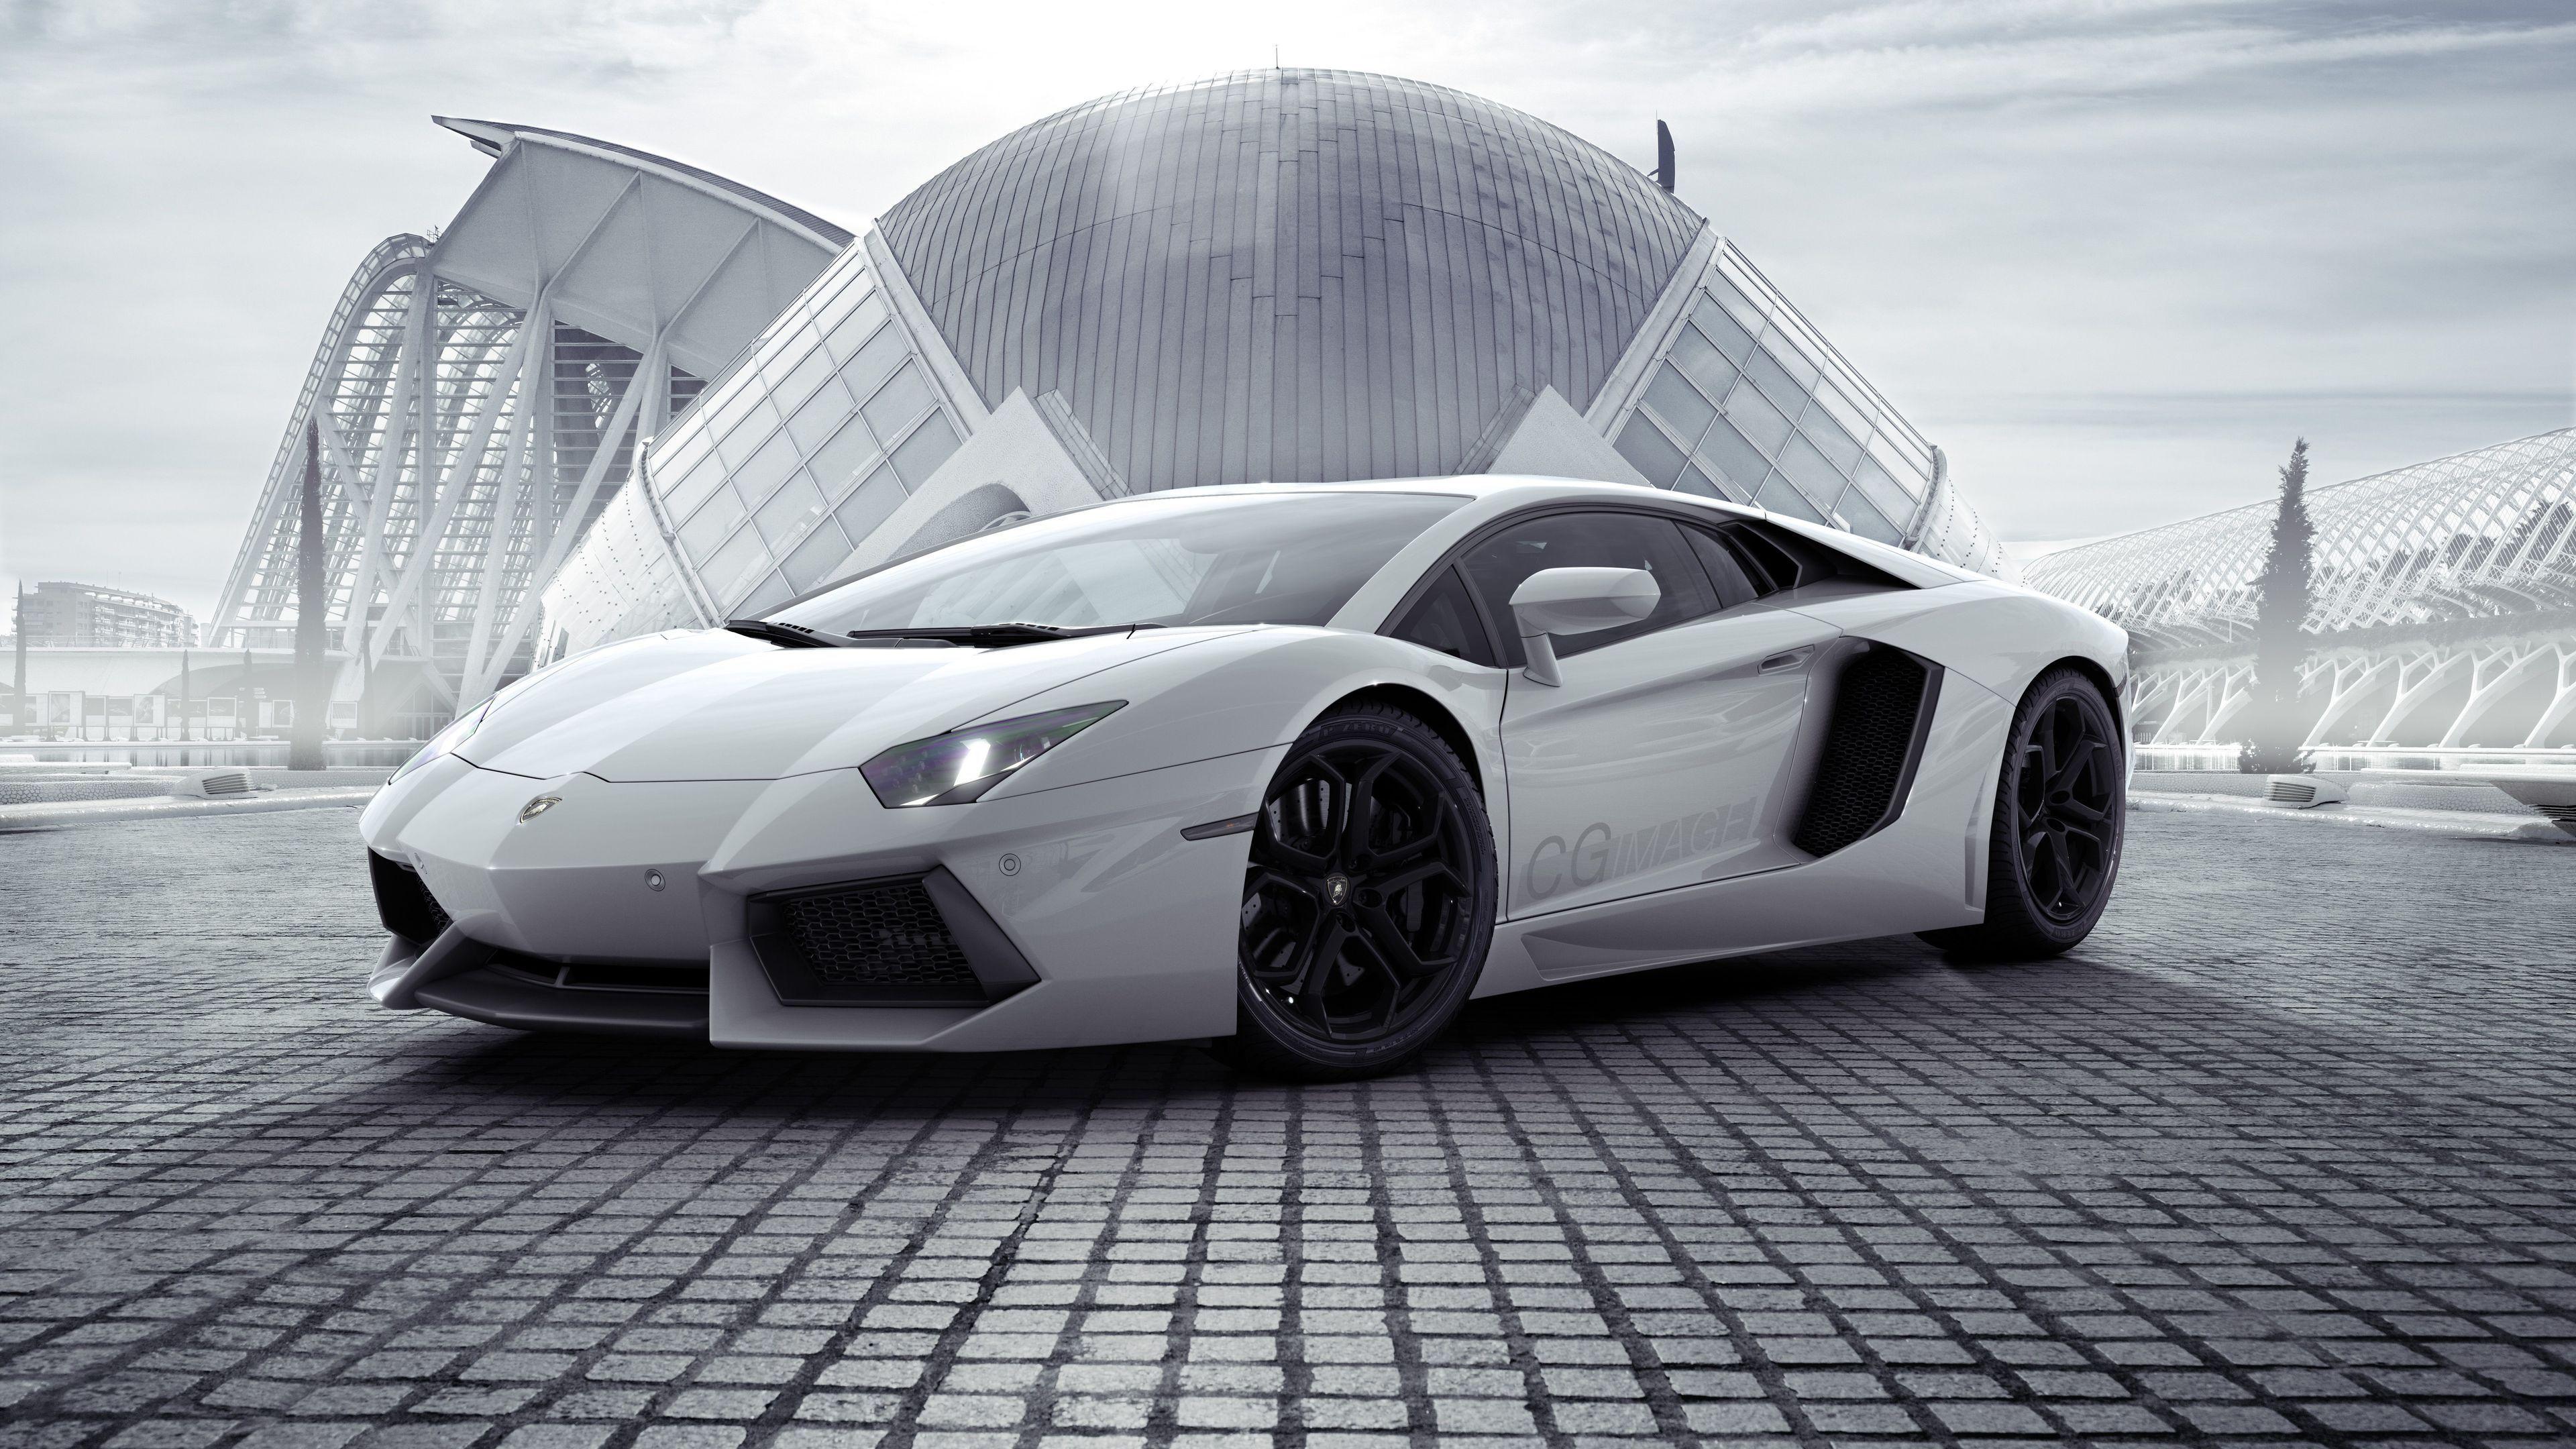 White Lamborghini Aventador New 4k Lamborghini Wallpapers Lamborghini Aventador Wallpa Lamborghini Aventador Wallpaper Lamborghini Aventador White Lamborghini